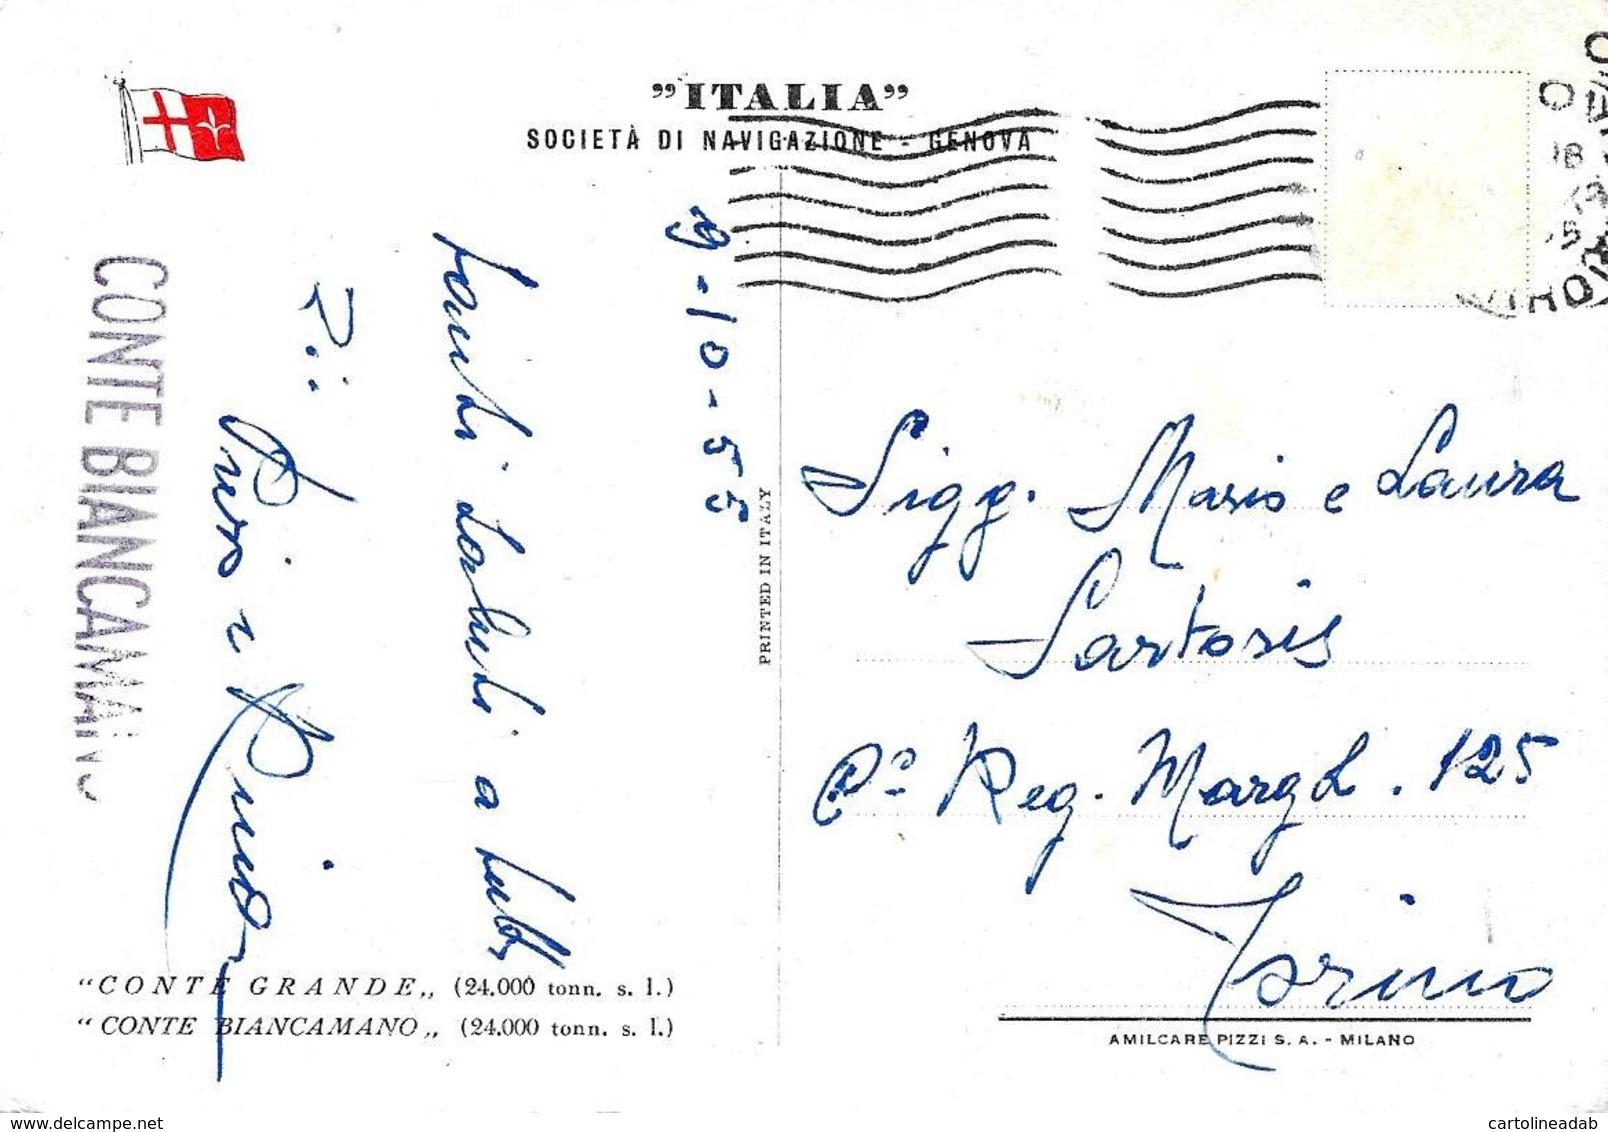 [DC7852] CPA - ITALIA - SOCIETA' DI NAVIGAZIONE - GENOVA - Viaggiata 1955 - Old Postcard - Barche